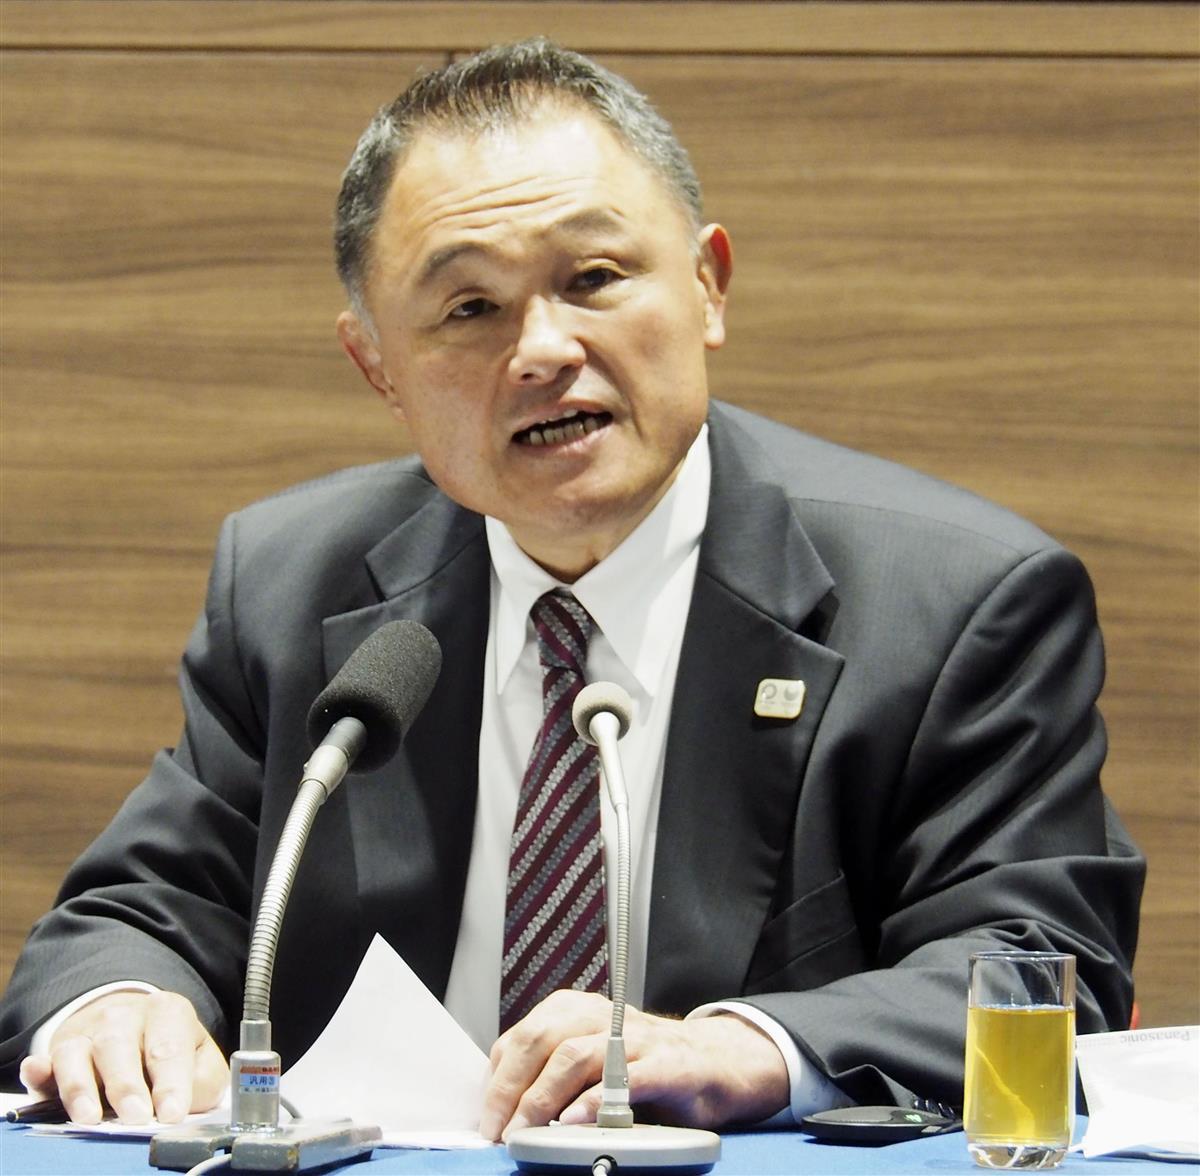 泰裕 山下 山下泰裕连任日本奥委会主席